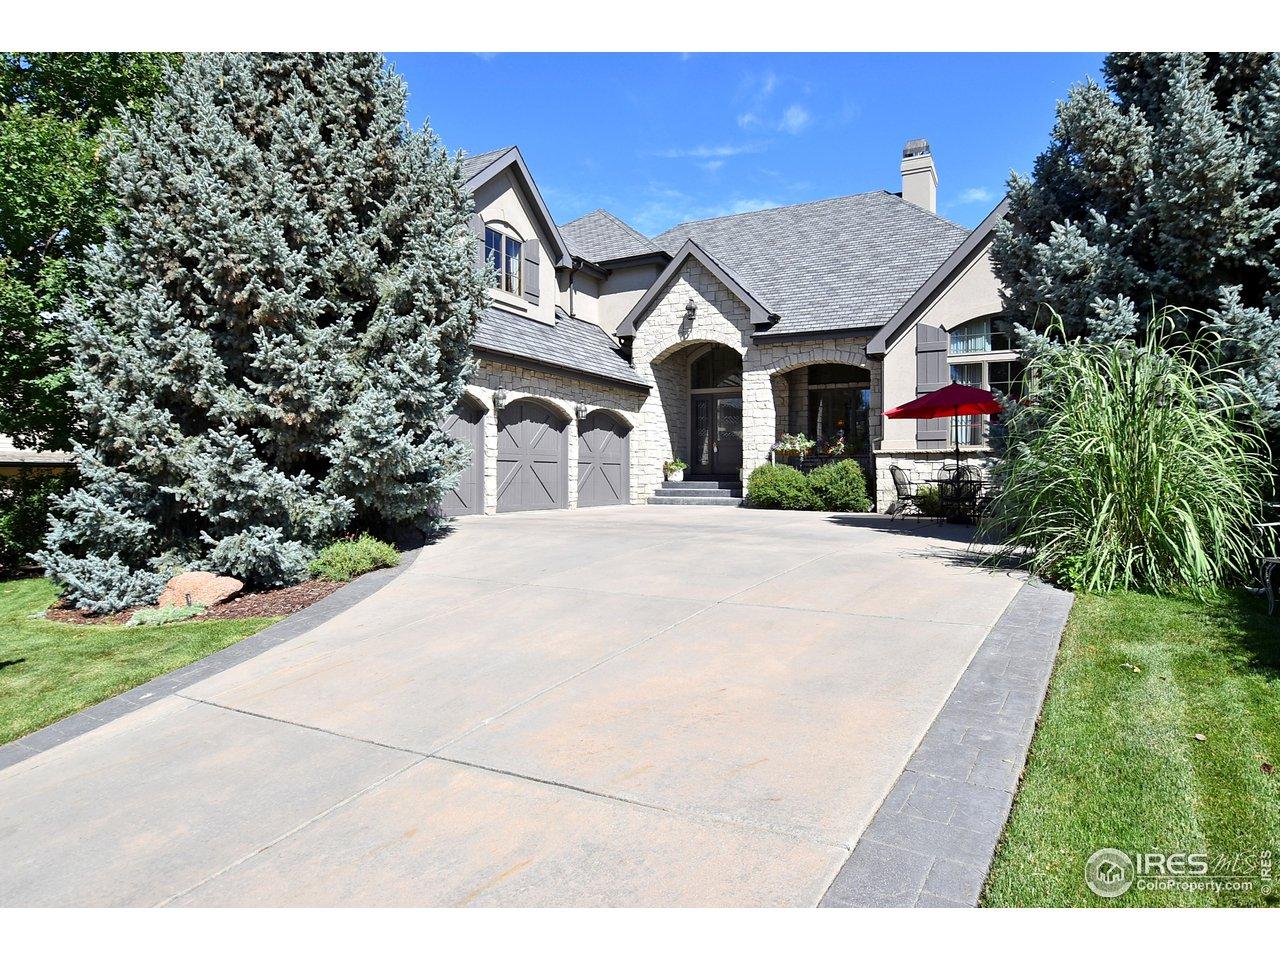 1432 Glen Eagle Ct, Fort Collins CO 80525